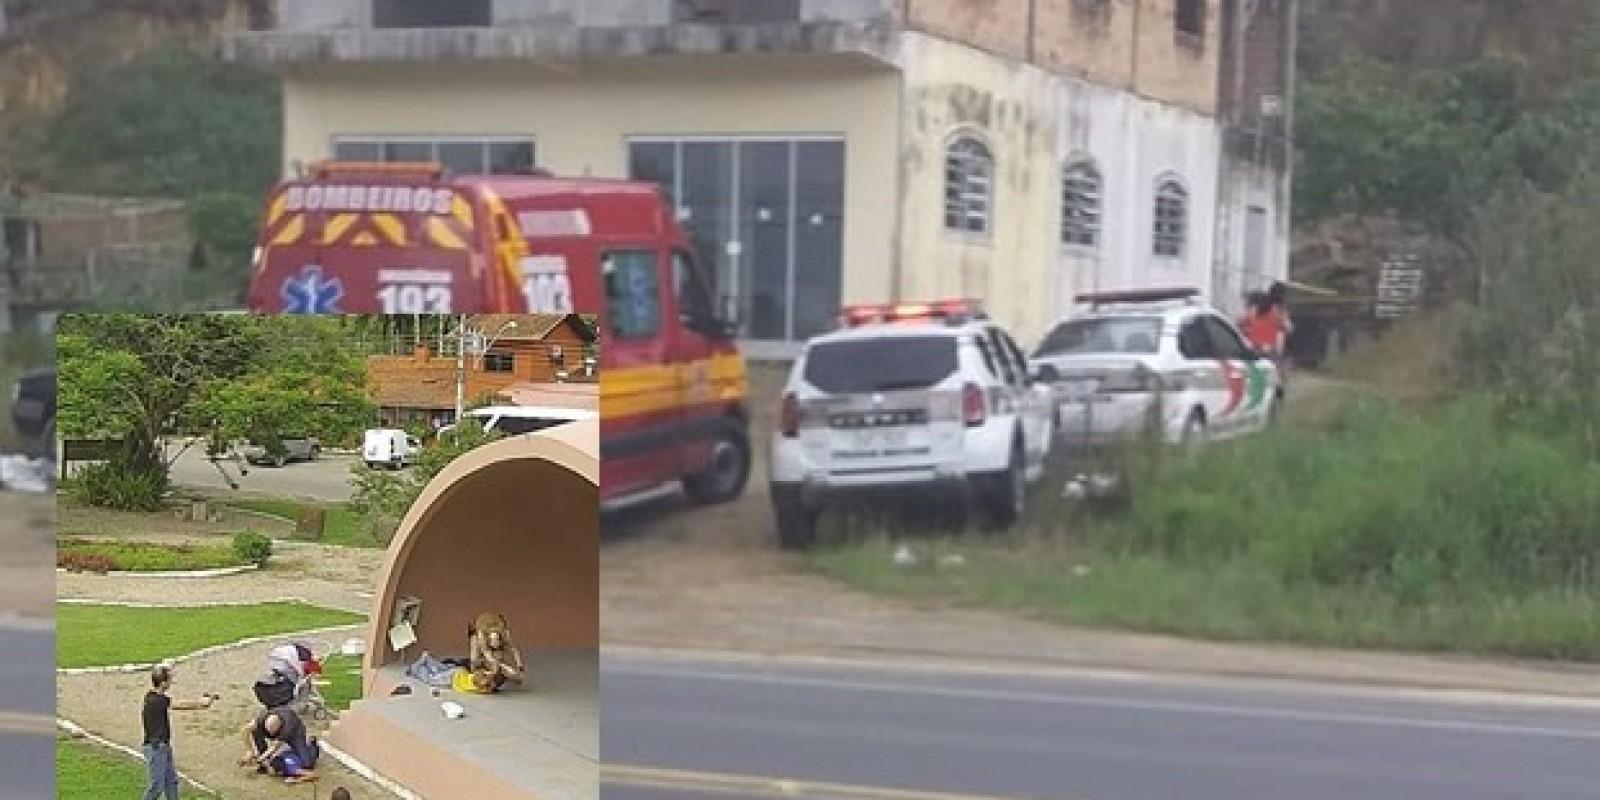 Polícia Militar e Polícia Civil de Gravatal atendem ocorrência de homicídio e prendem autores do crime